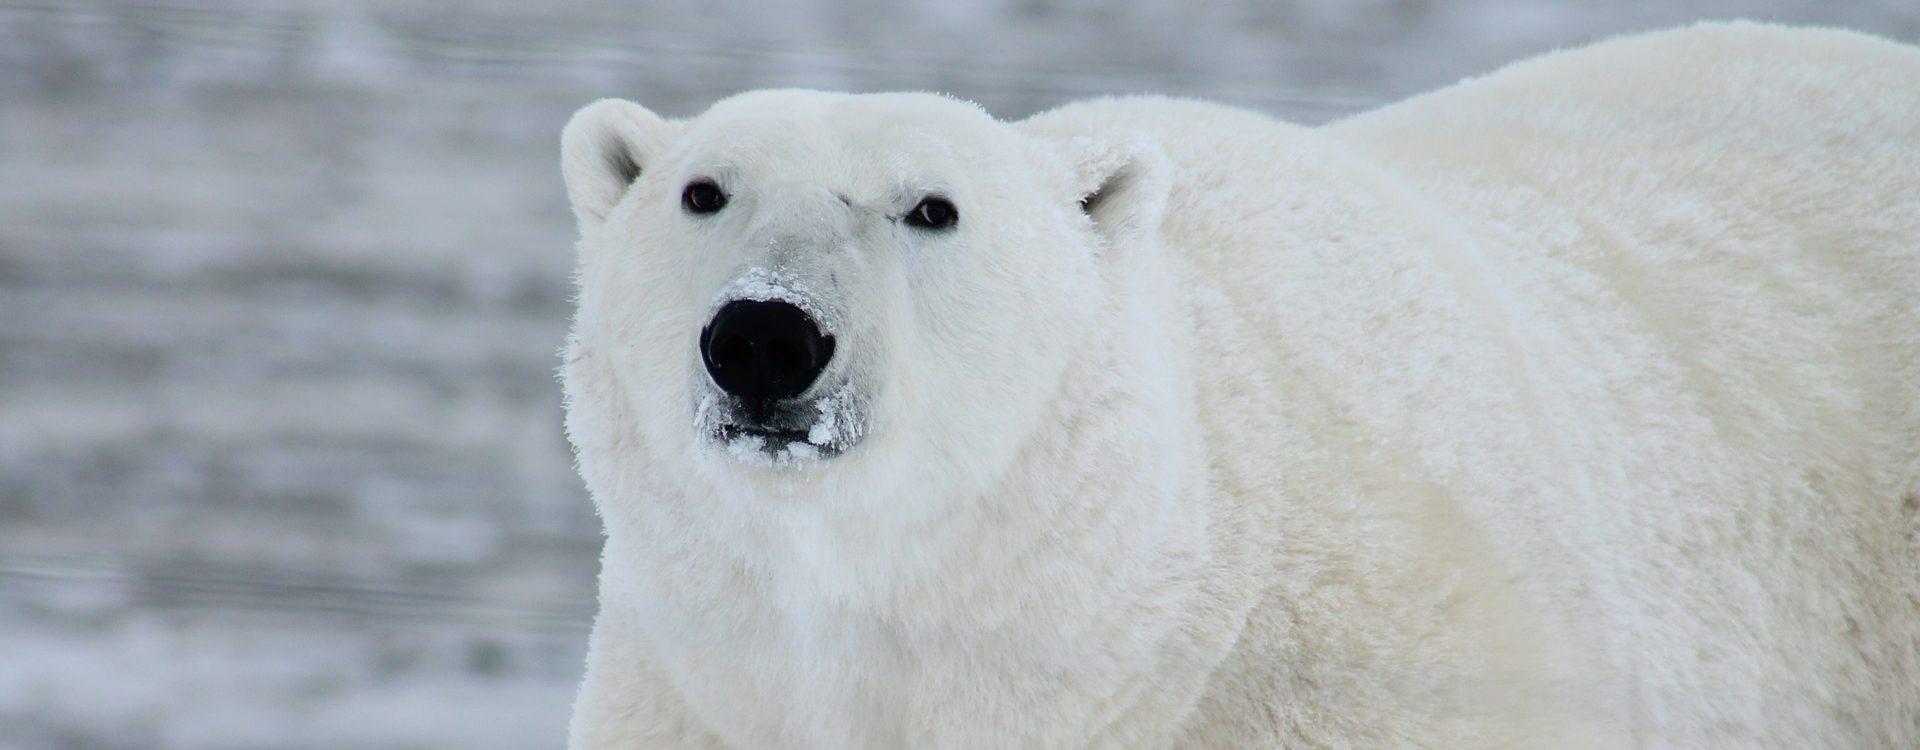 Spitzberg - Ski voile au pays des glaces et des ours - Les matins du monde